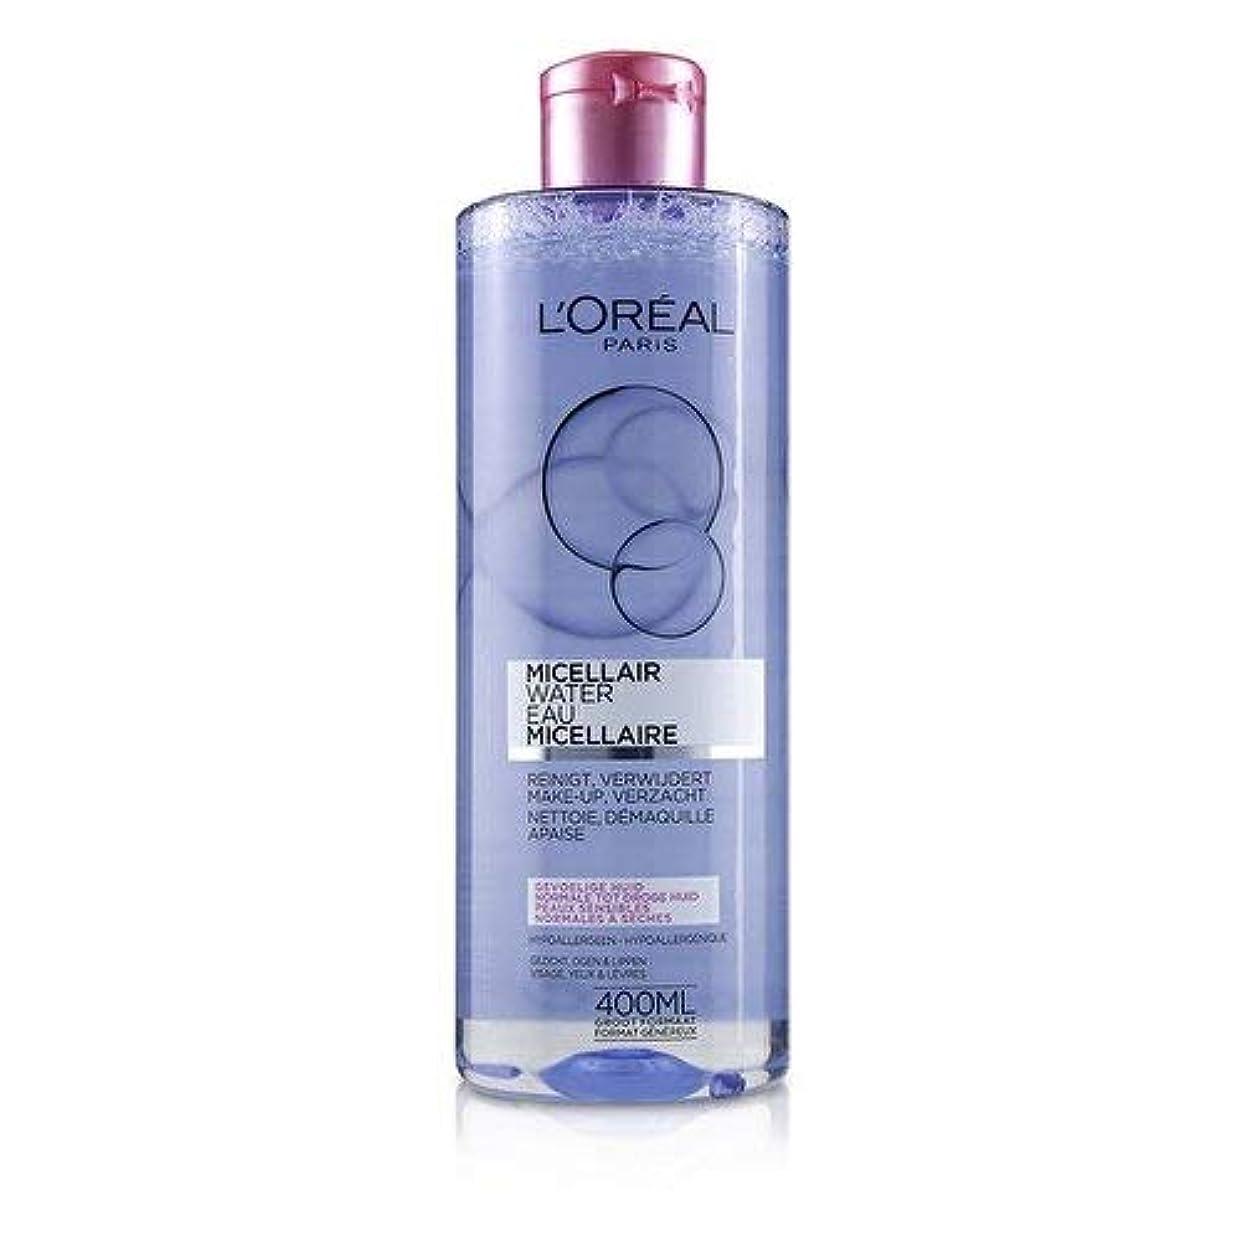 ロレアル Micellar Water - Normal to Dry Skin & Even Sensitive Skin 400ml/13.3oz並行輸入品